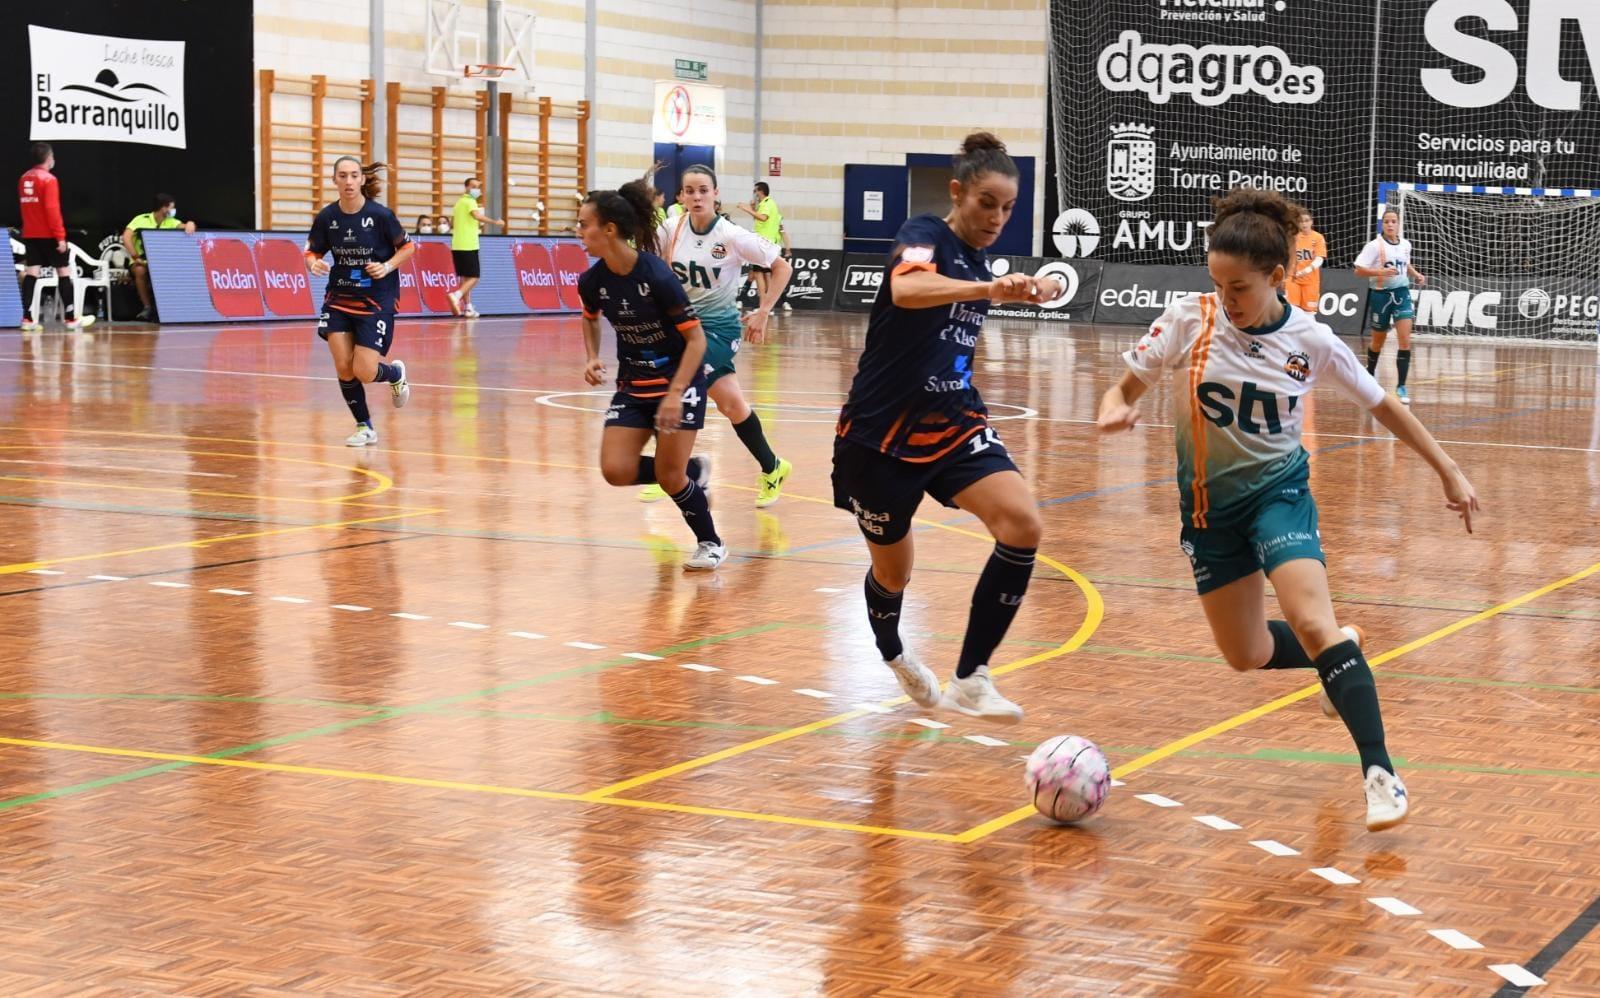 Crónica del Partido de Liga: STV Roldán - Universidad de Alicante FSF. Jornada 1ª